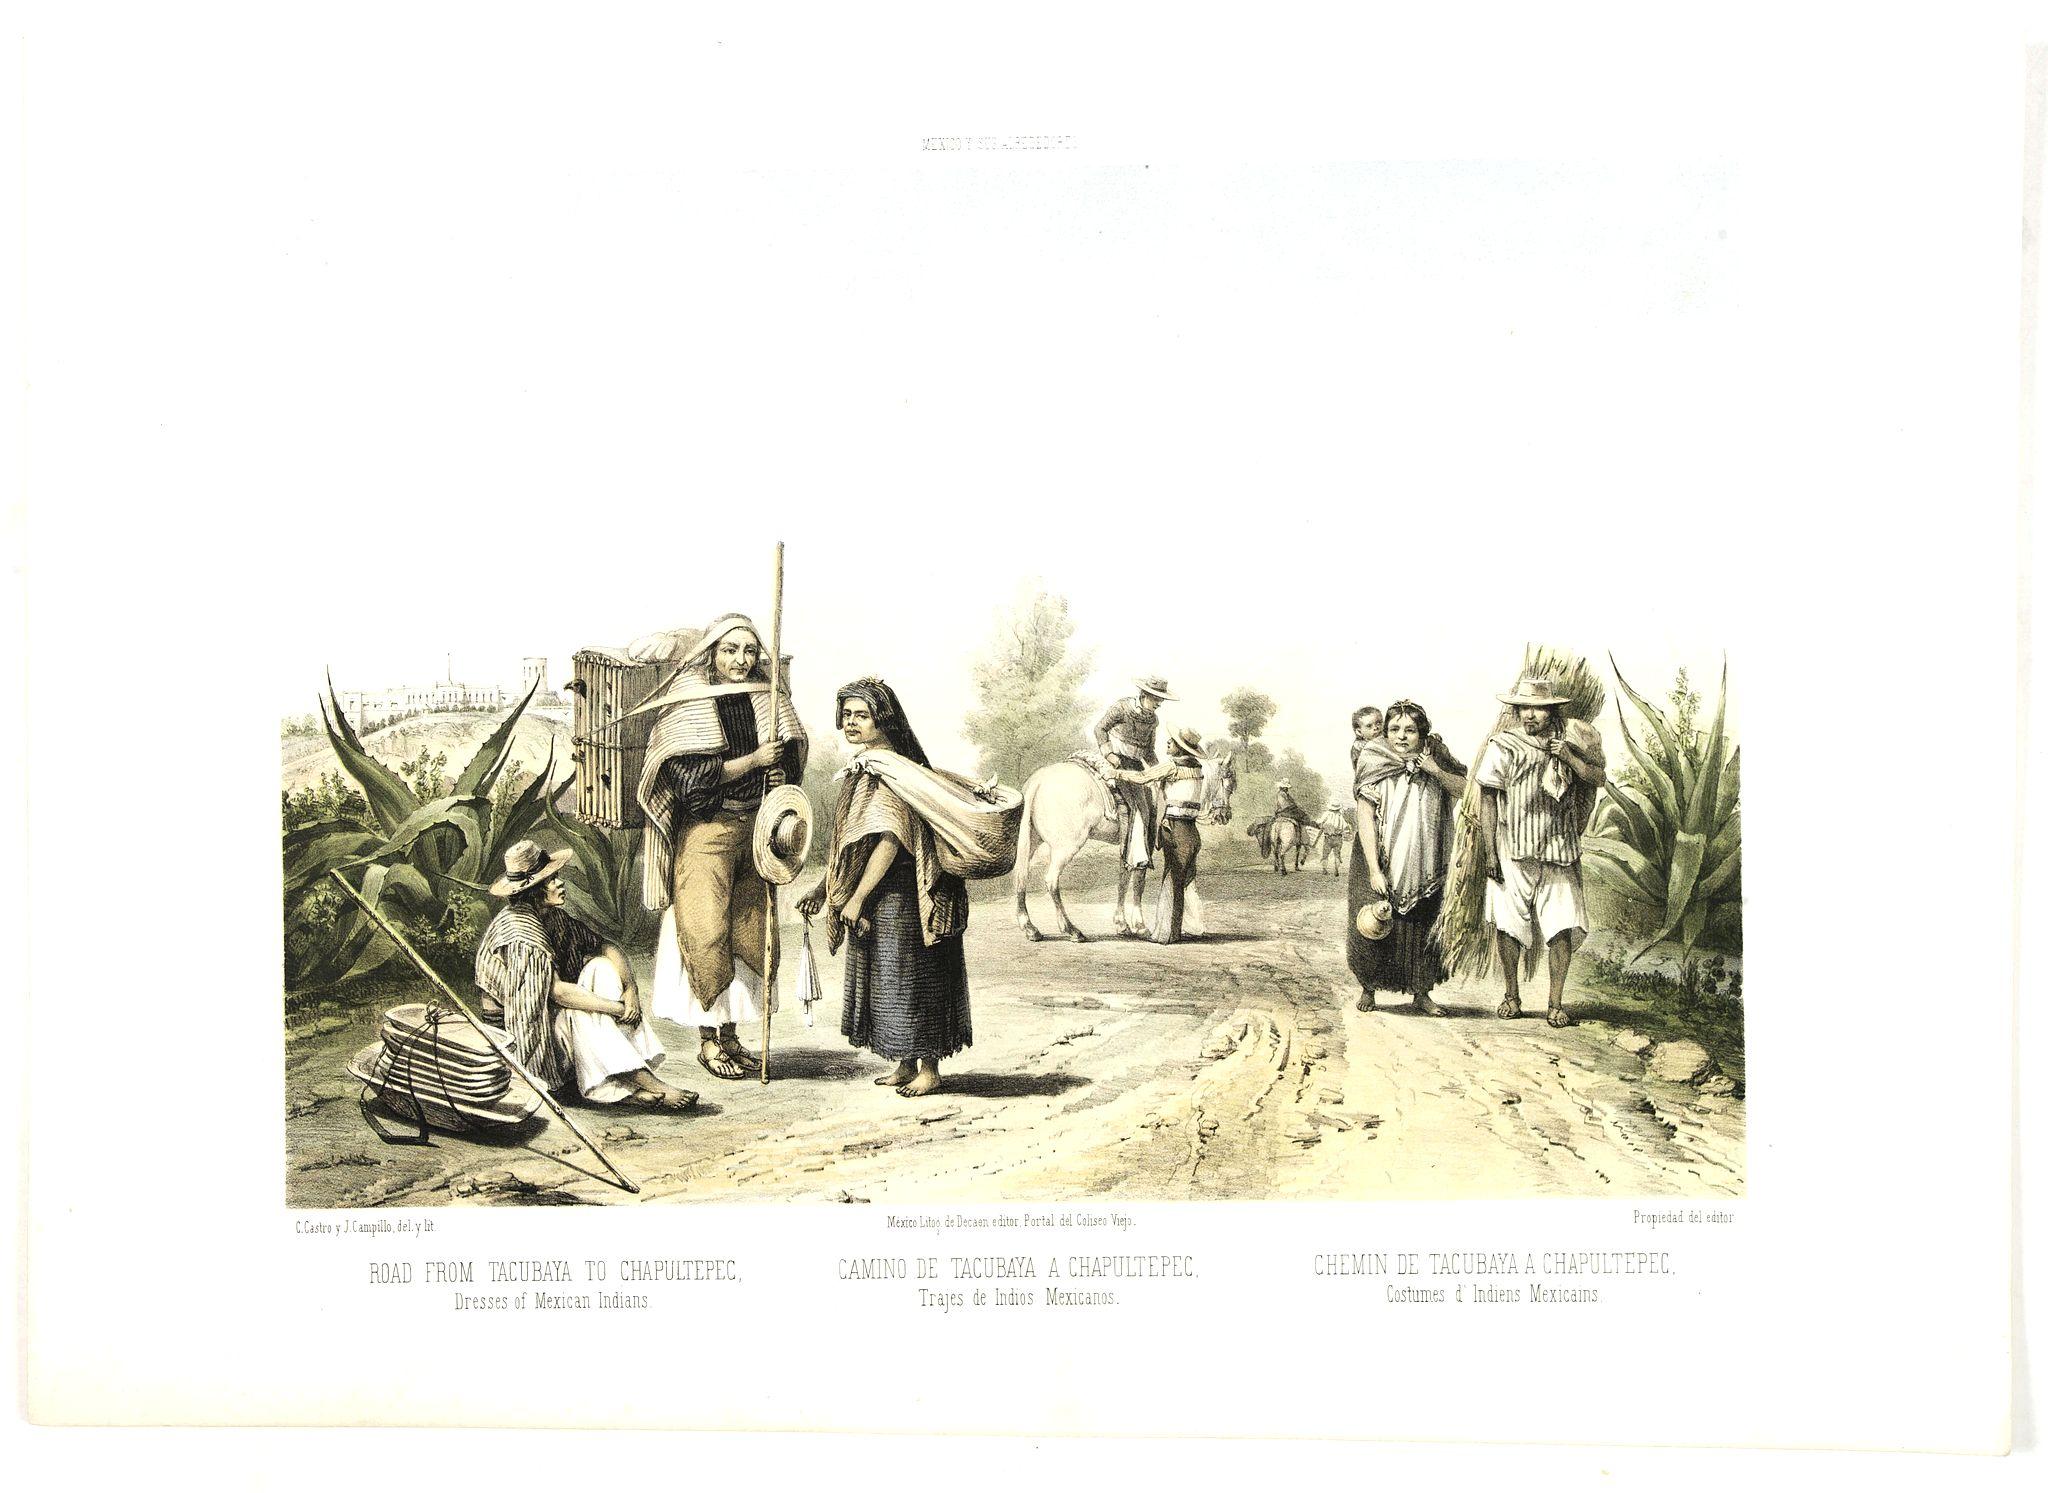 DECAEN, J. A. / CASTRO, C. -  Road from Tacubaya to Chapultepec. Dresses of Mexivan Indians. - Camino de Tacubaya a Chapultepec. Trajes de Indios Mexicanos.